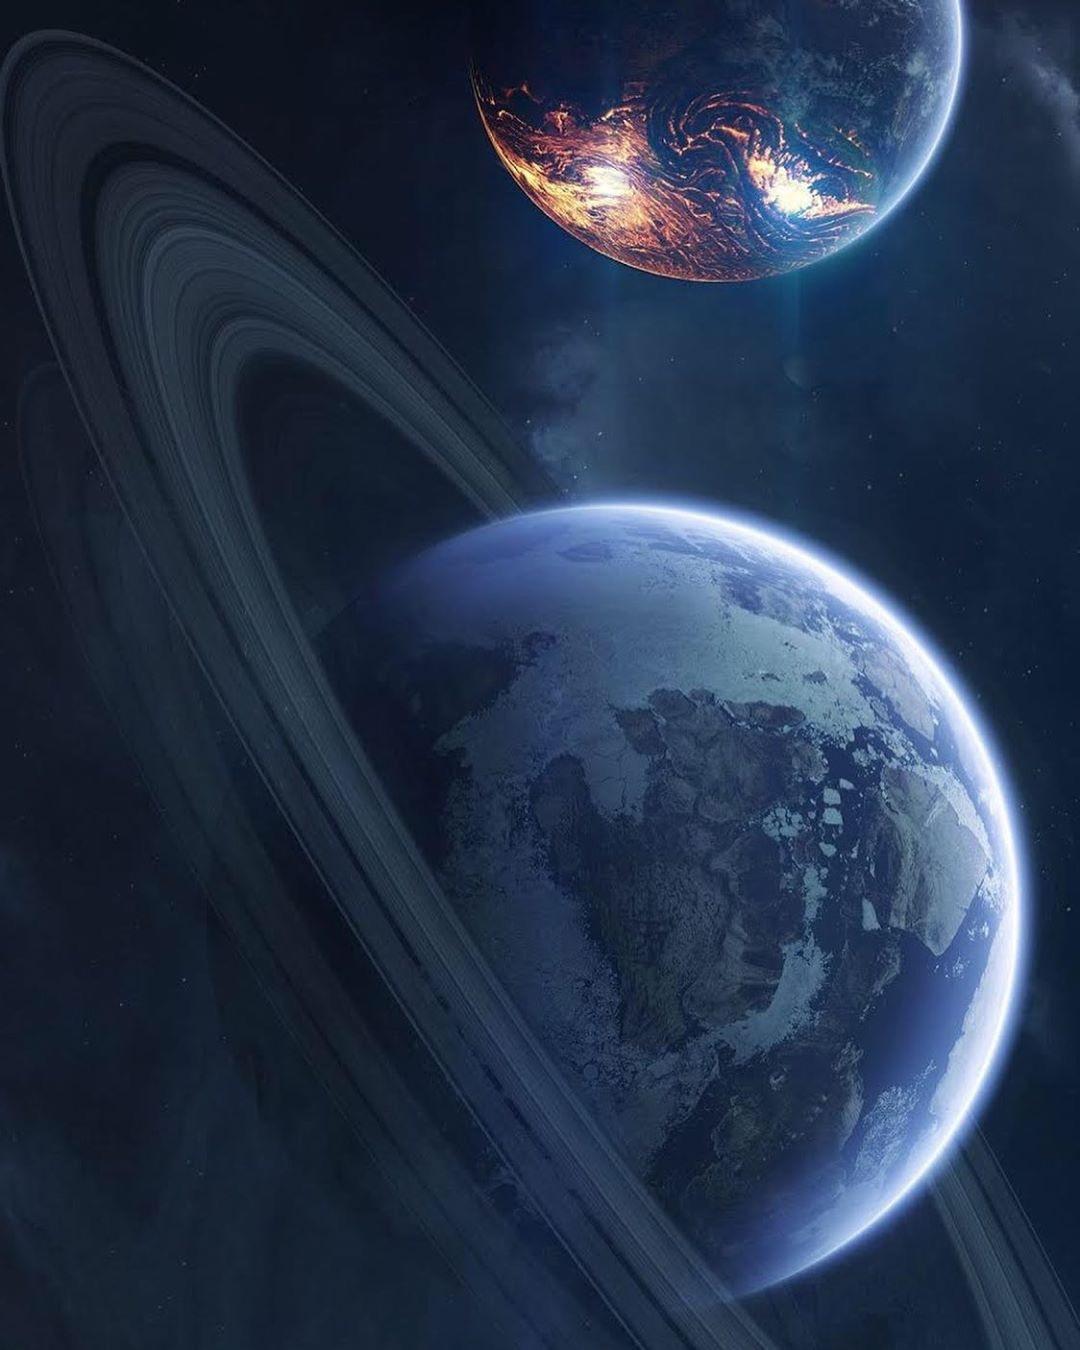 宇宙漫游记✨